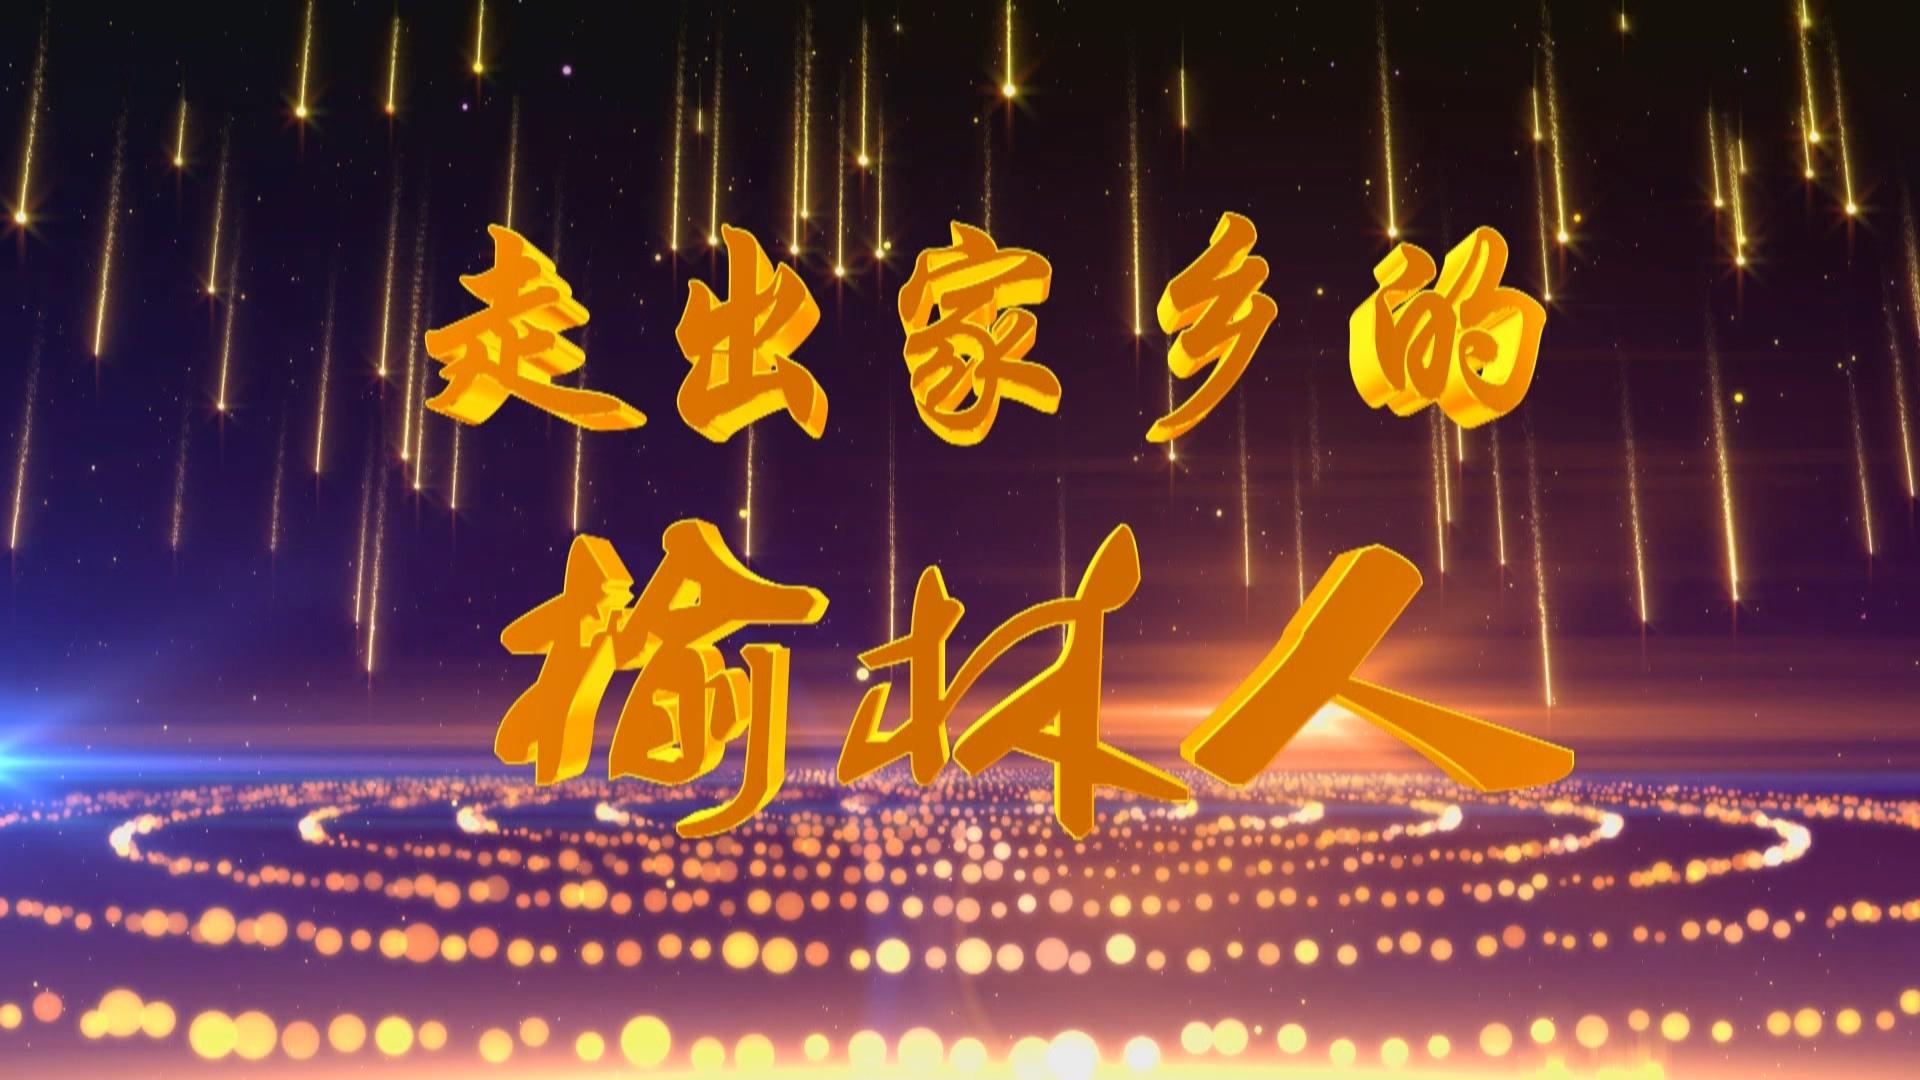 【走出家乡的榆林人】心内科专家——王占成  2018-12-24